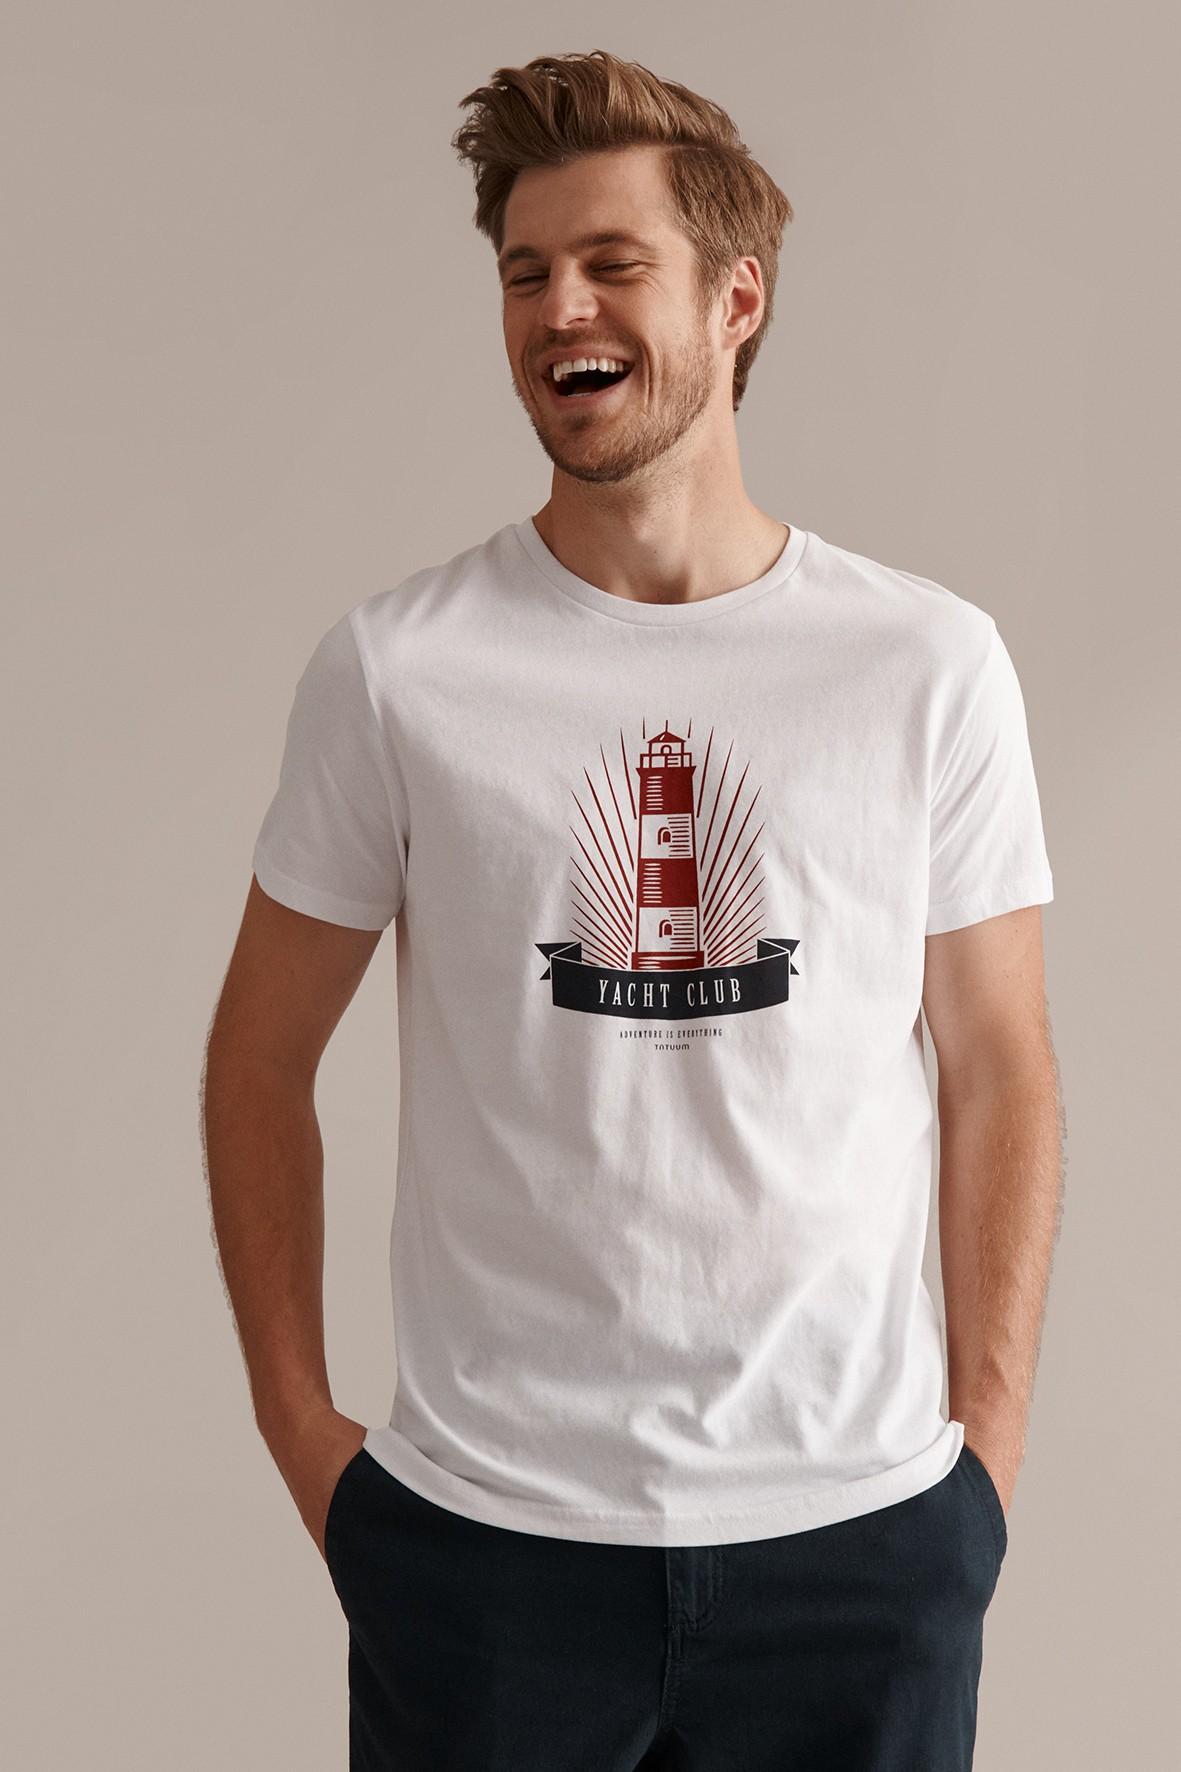 T-shirt męski z żeglarskim motywem  z wiskozy